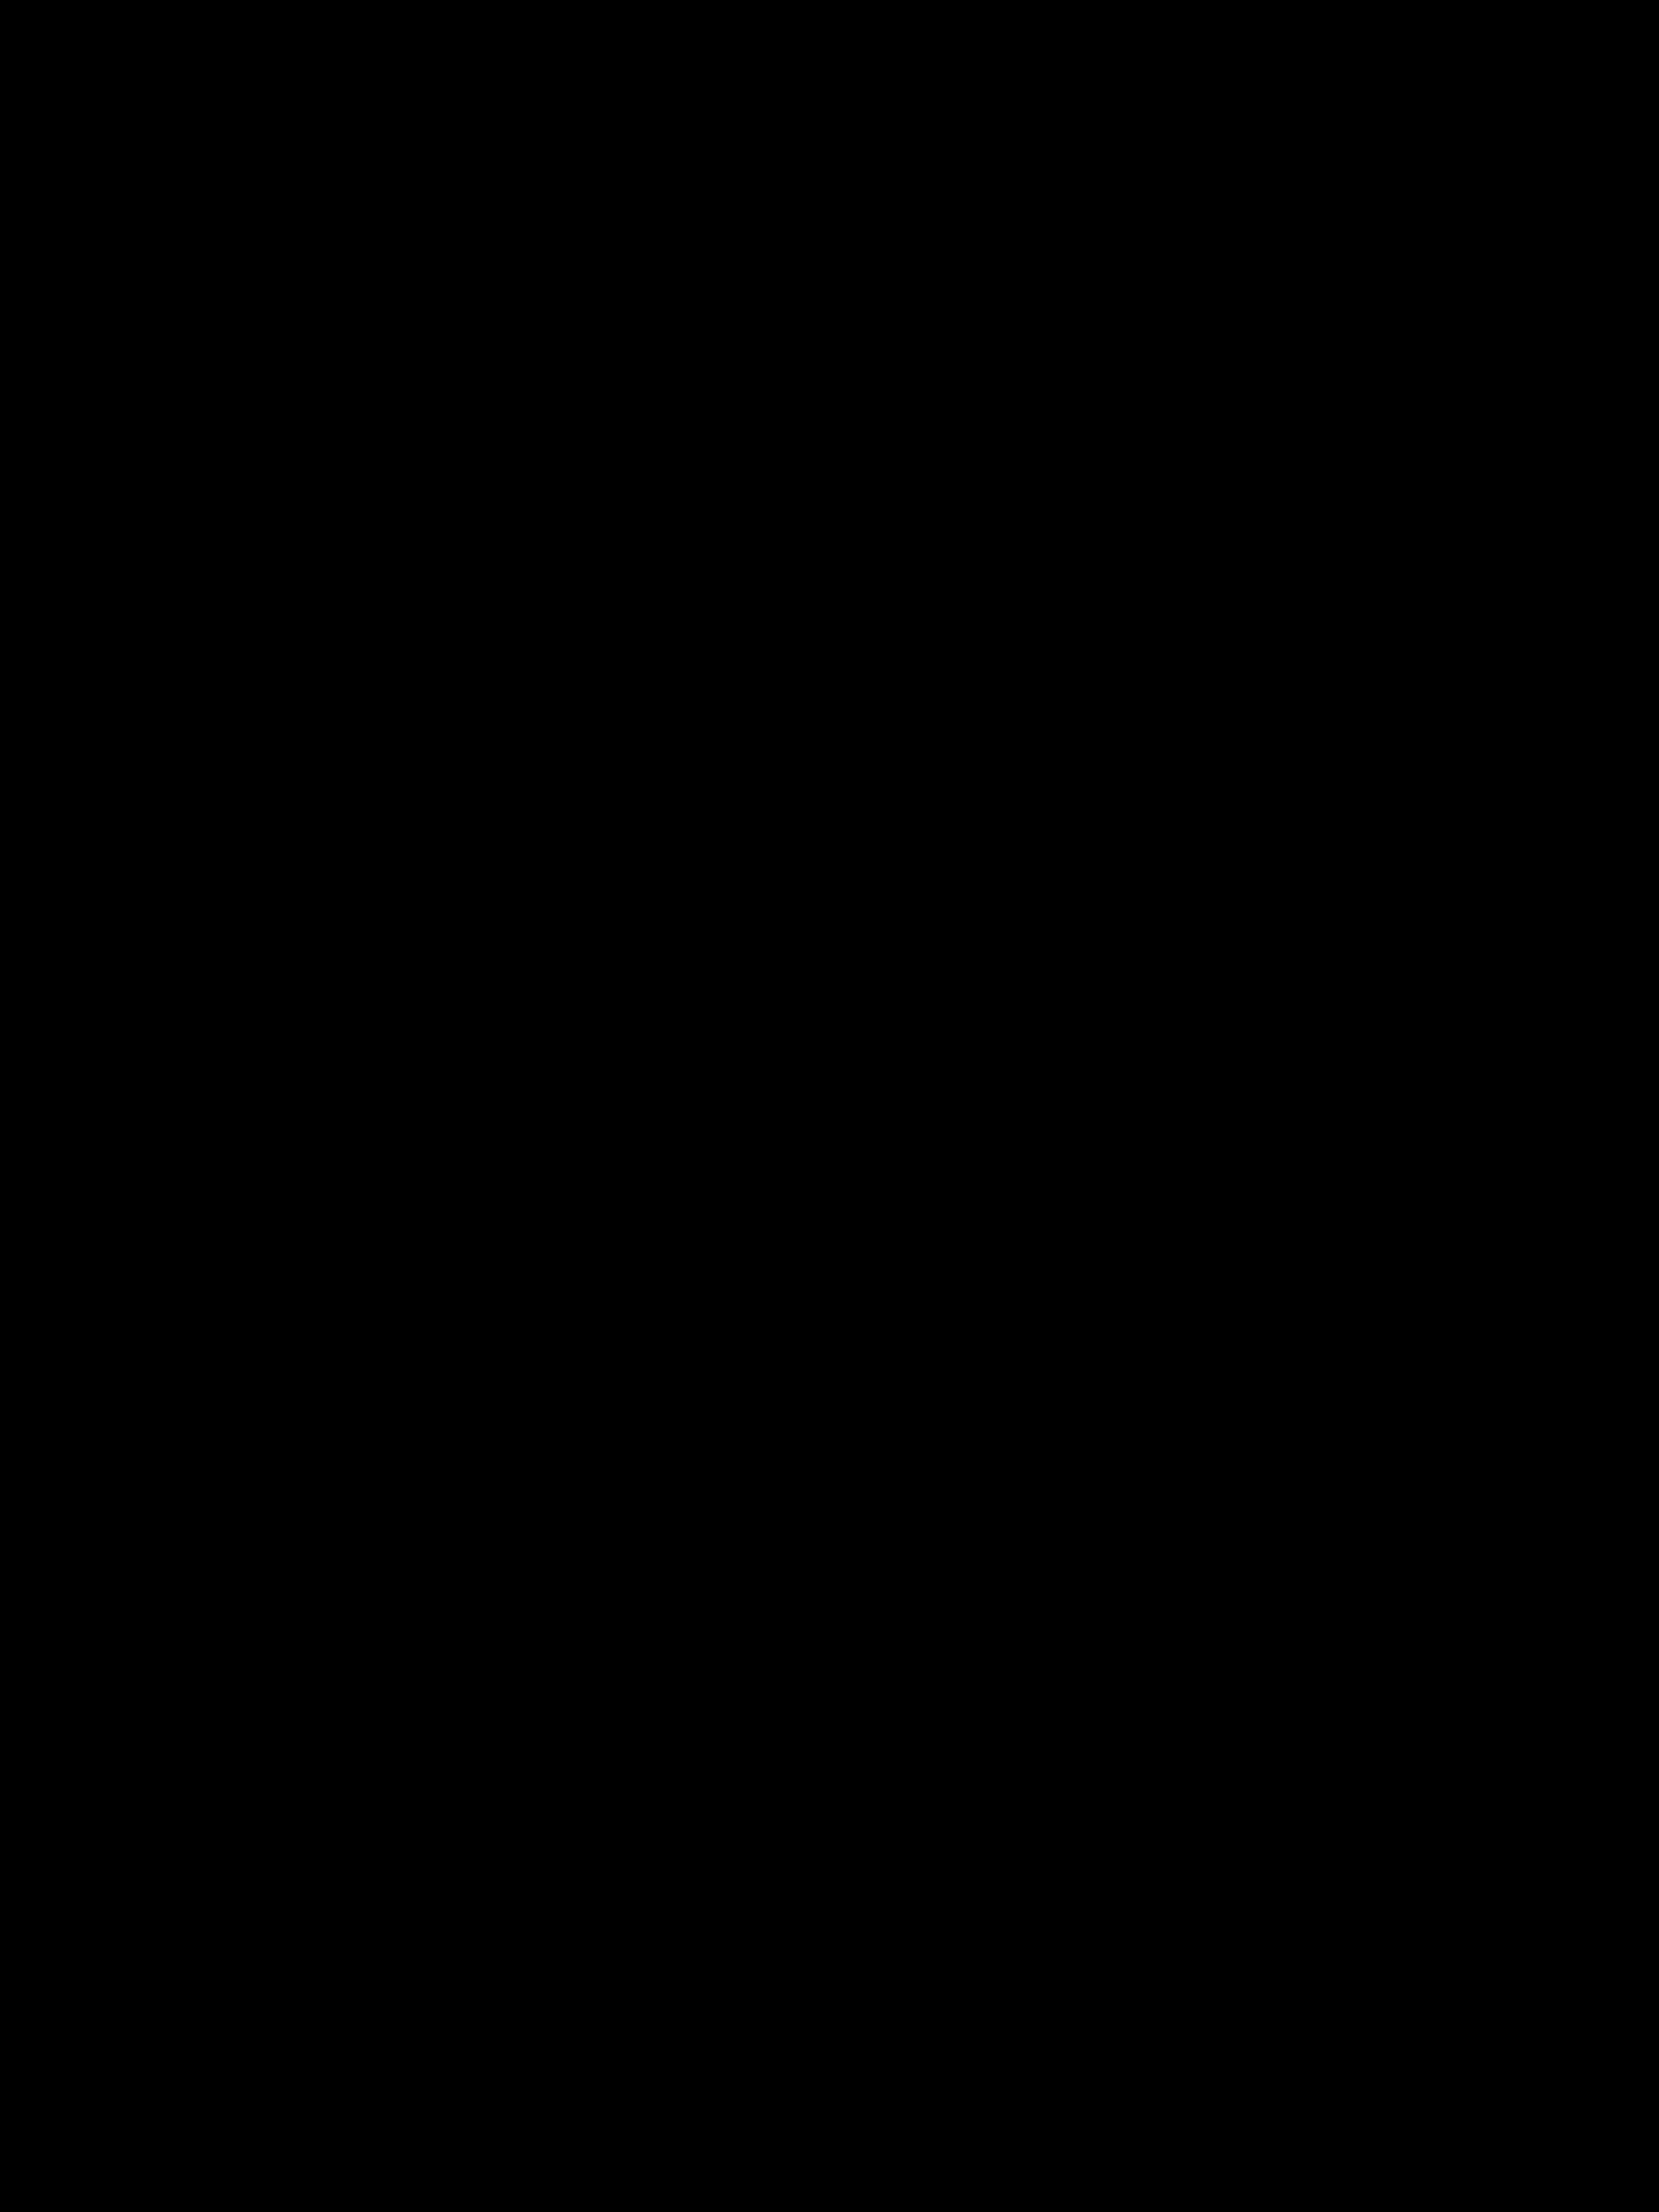 coroa-do-advento-de-ferro-pintada-de-preto-com-110cm-altura-x-36cm-dimetro